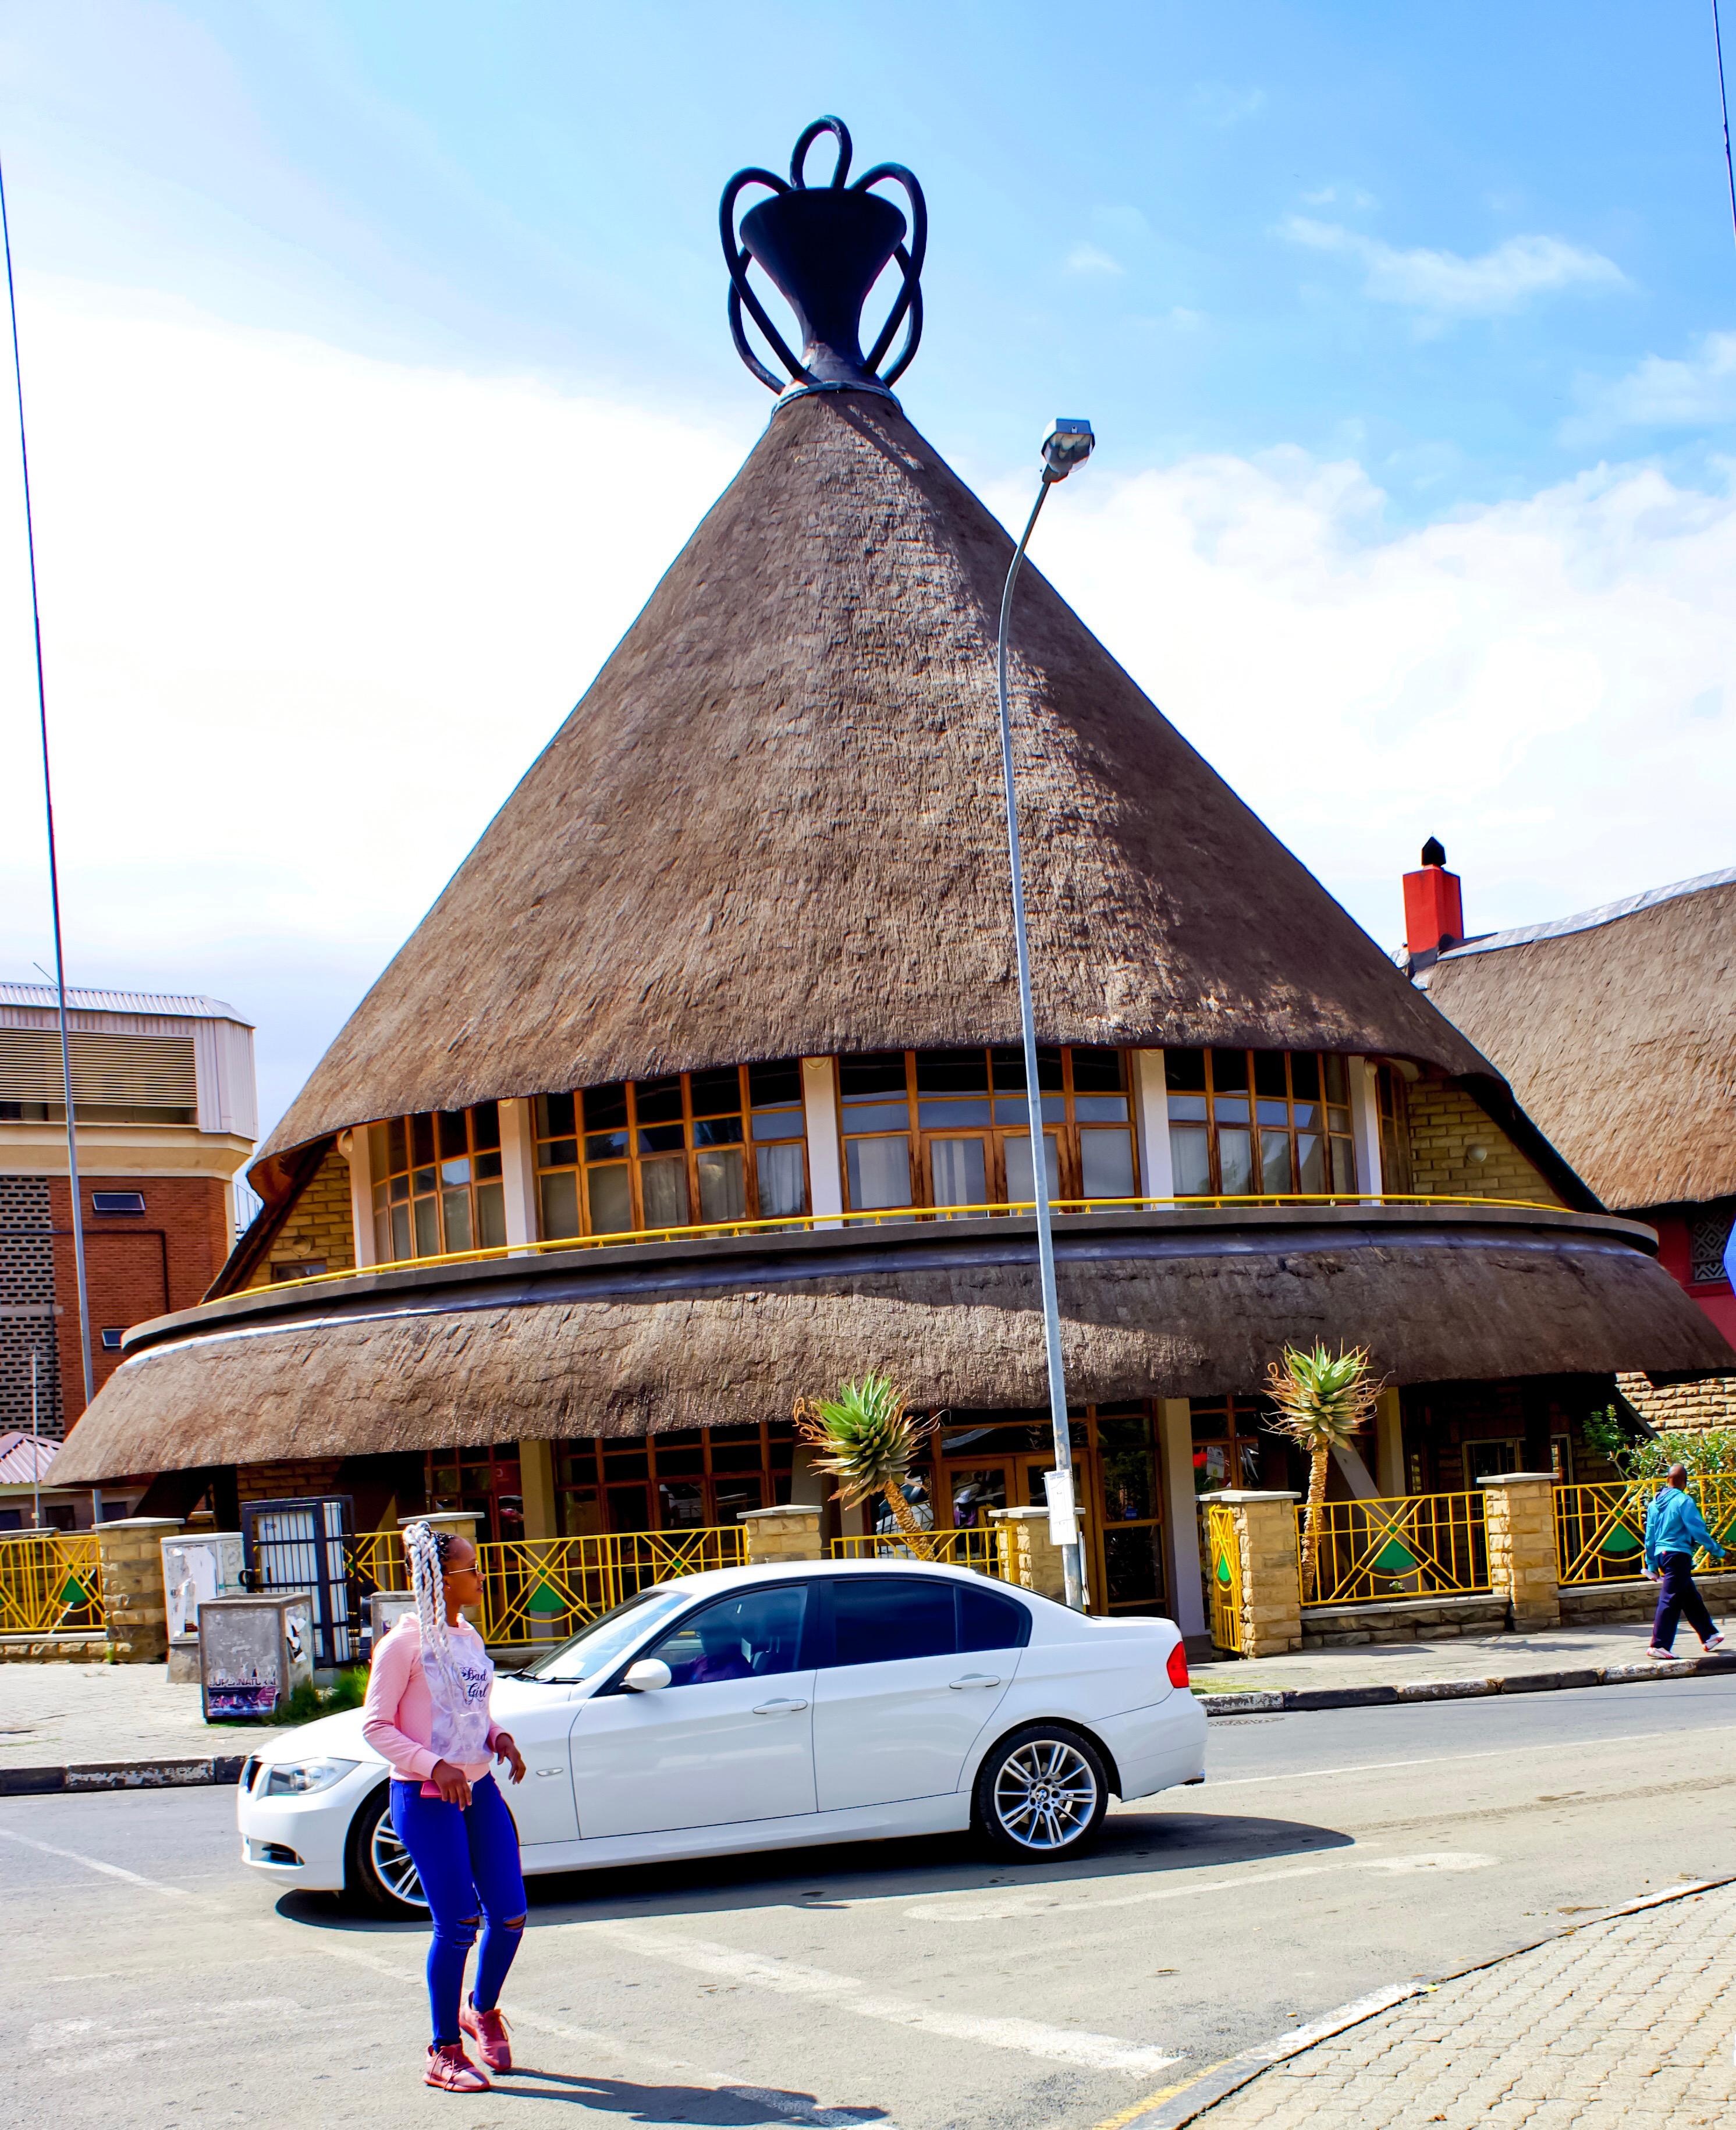 Mokotlo Hat Building in Maseru